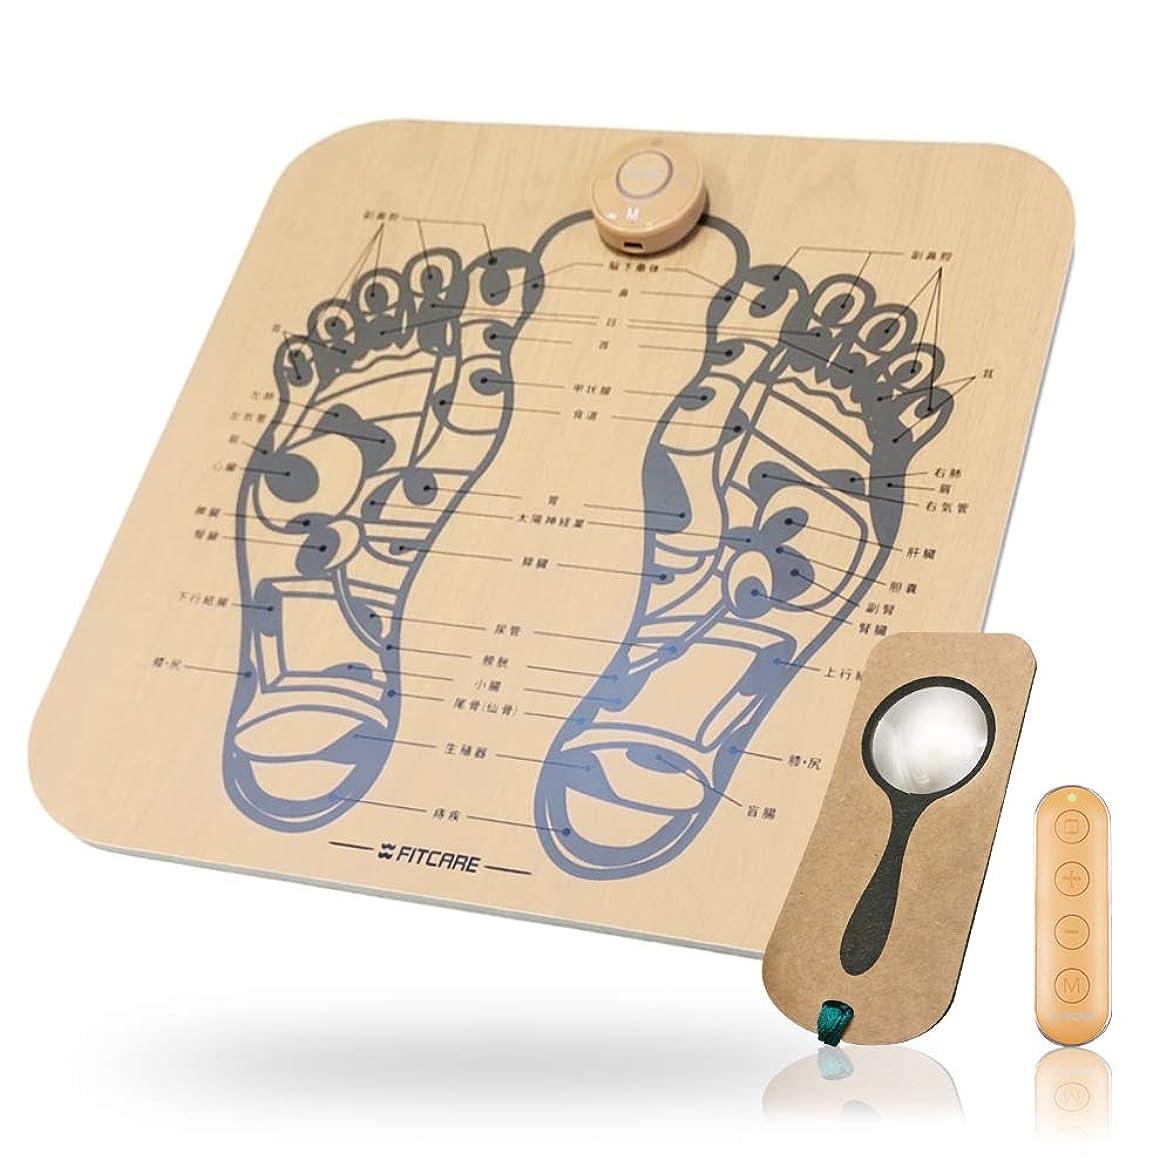 靴下プラットフォーム見習い最新型 交換パッド不要「EMSフットリラックス」正規品 特典付(MEM05-NW 足用EMS トレーニング マッサージ機)